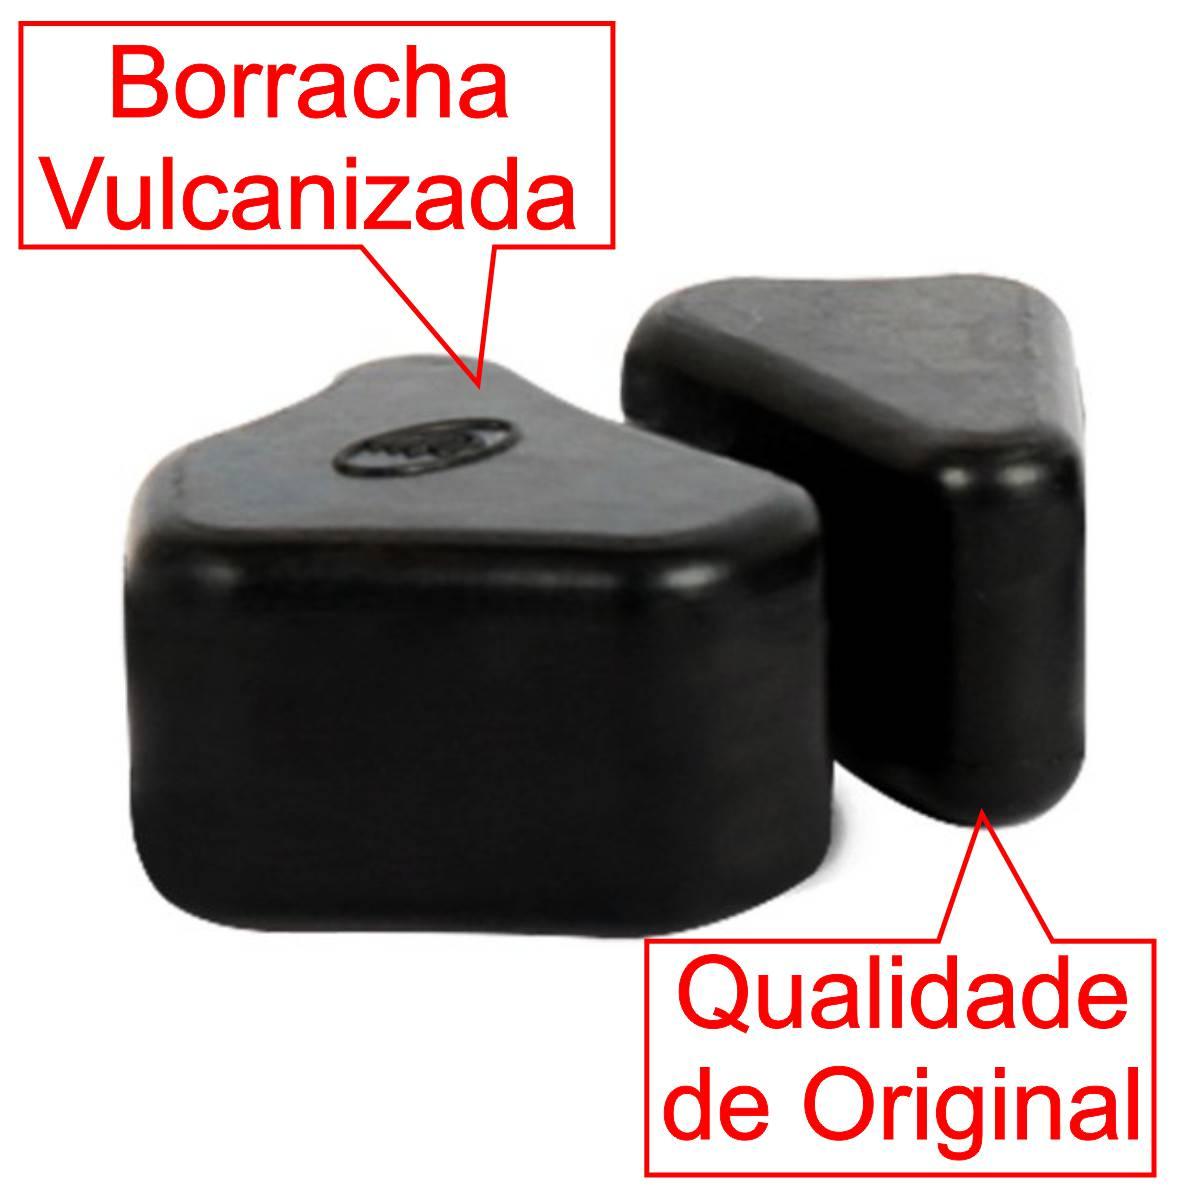 KIT TRANSMISSÃO RELAÇÃO MOTO CG TITAN FAN CARGO START 160 + COXIM BUCHA DA COROA + GRAXA SPRAY 60ml